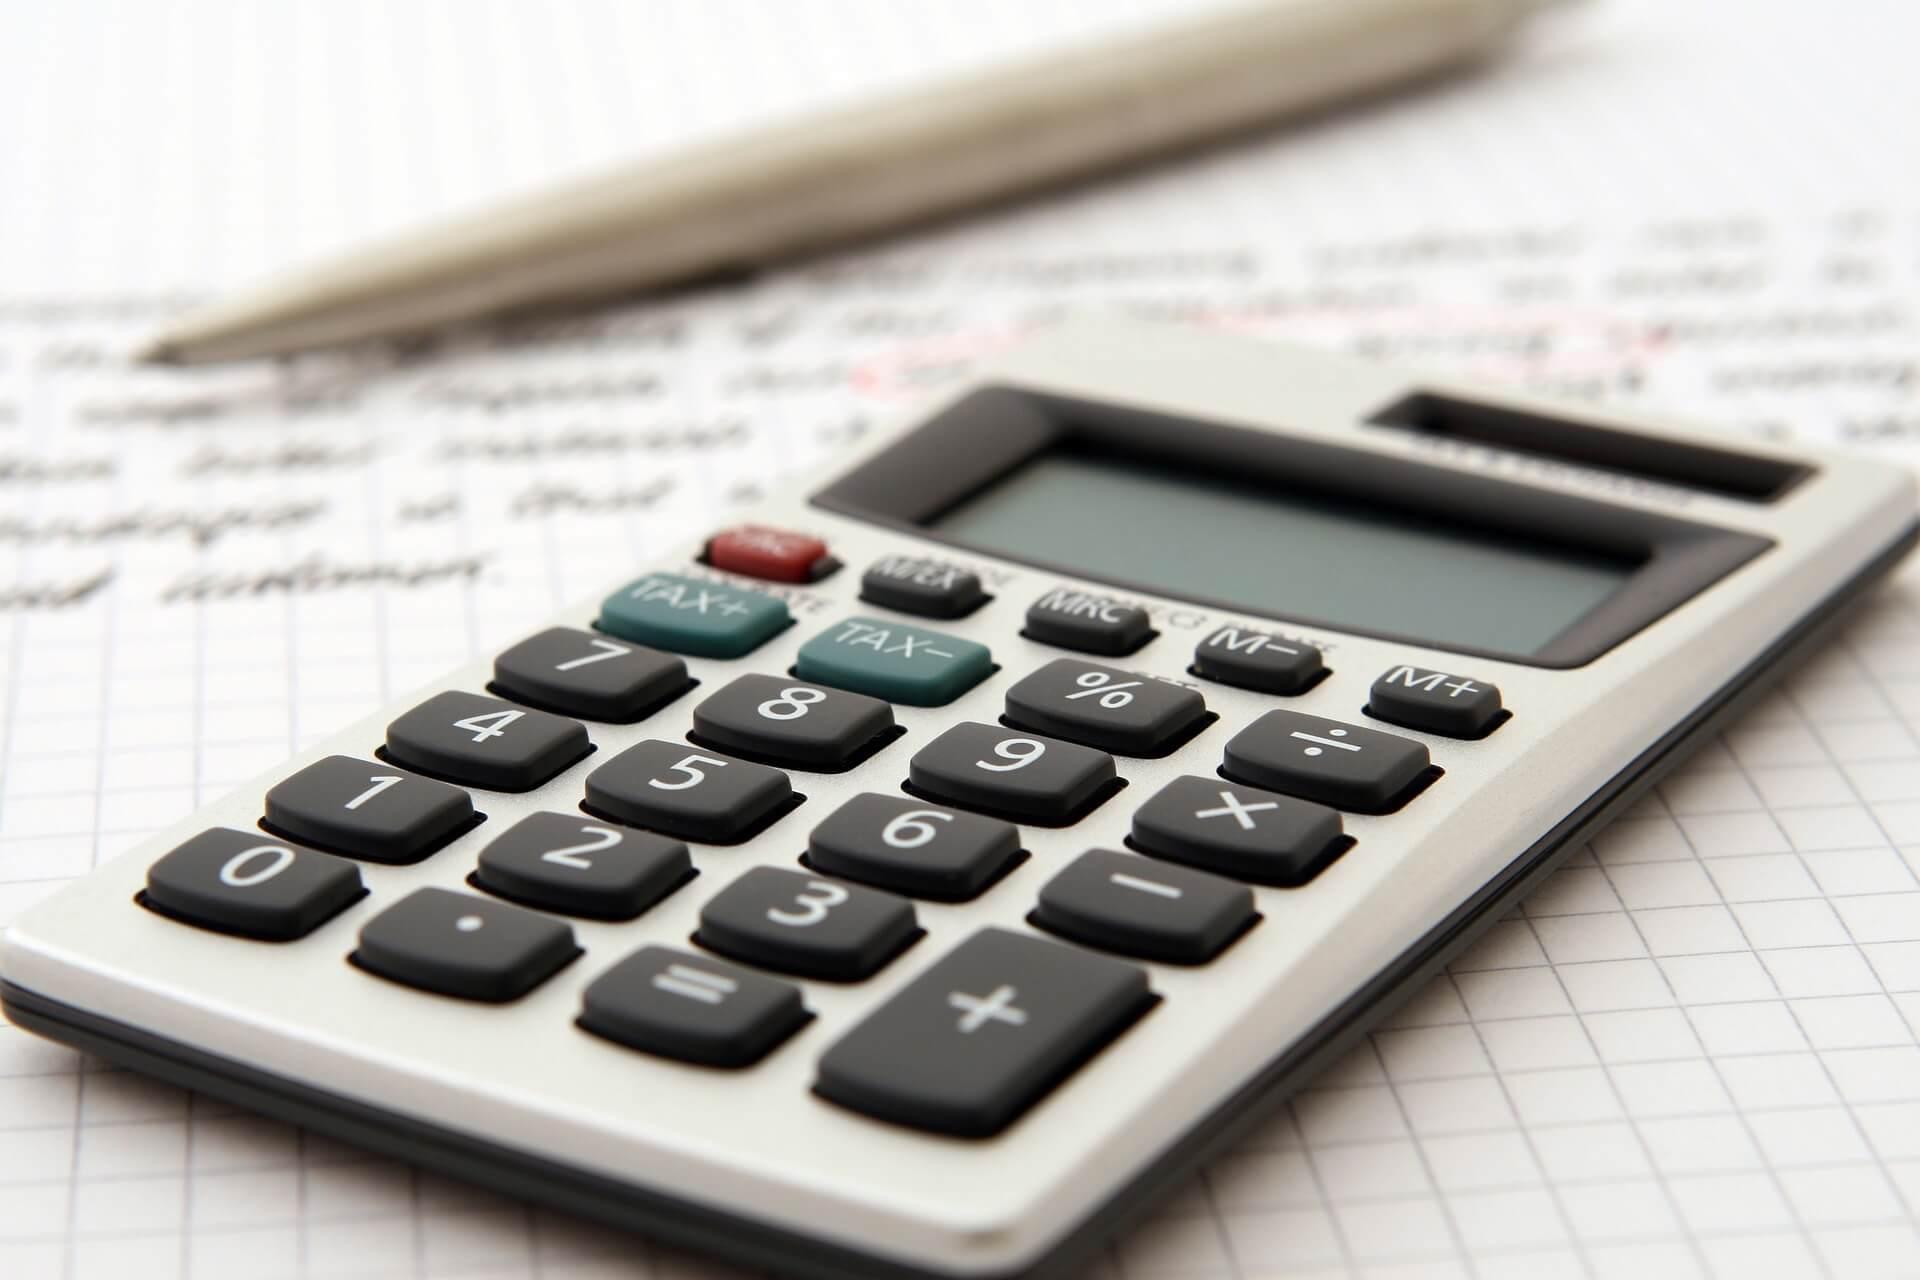 Descubre dónde es más caro el Impuesto de Sucesiones